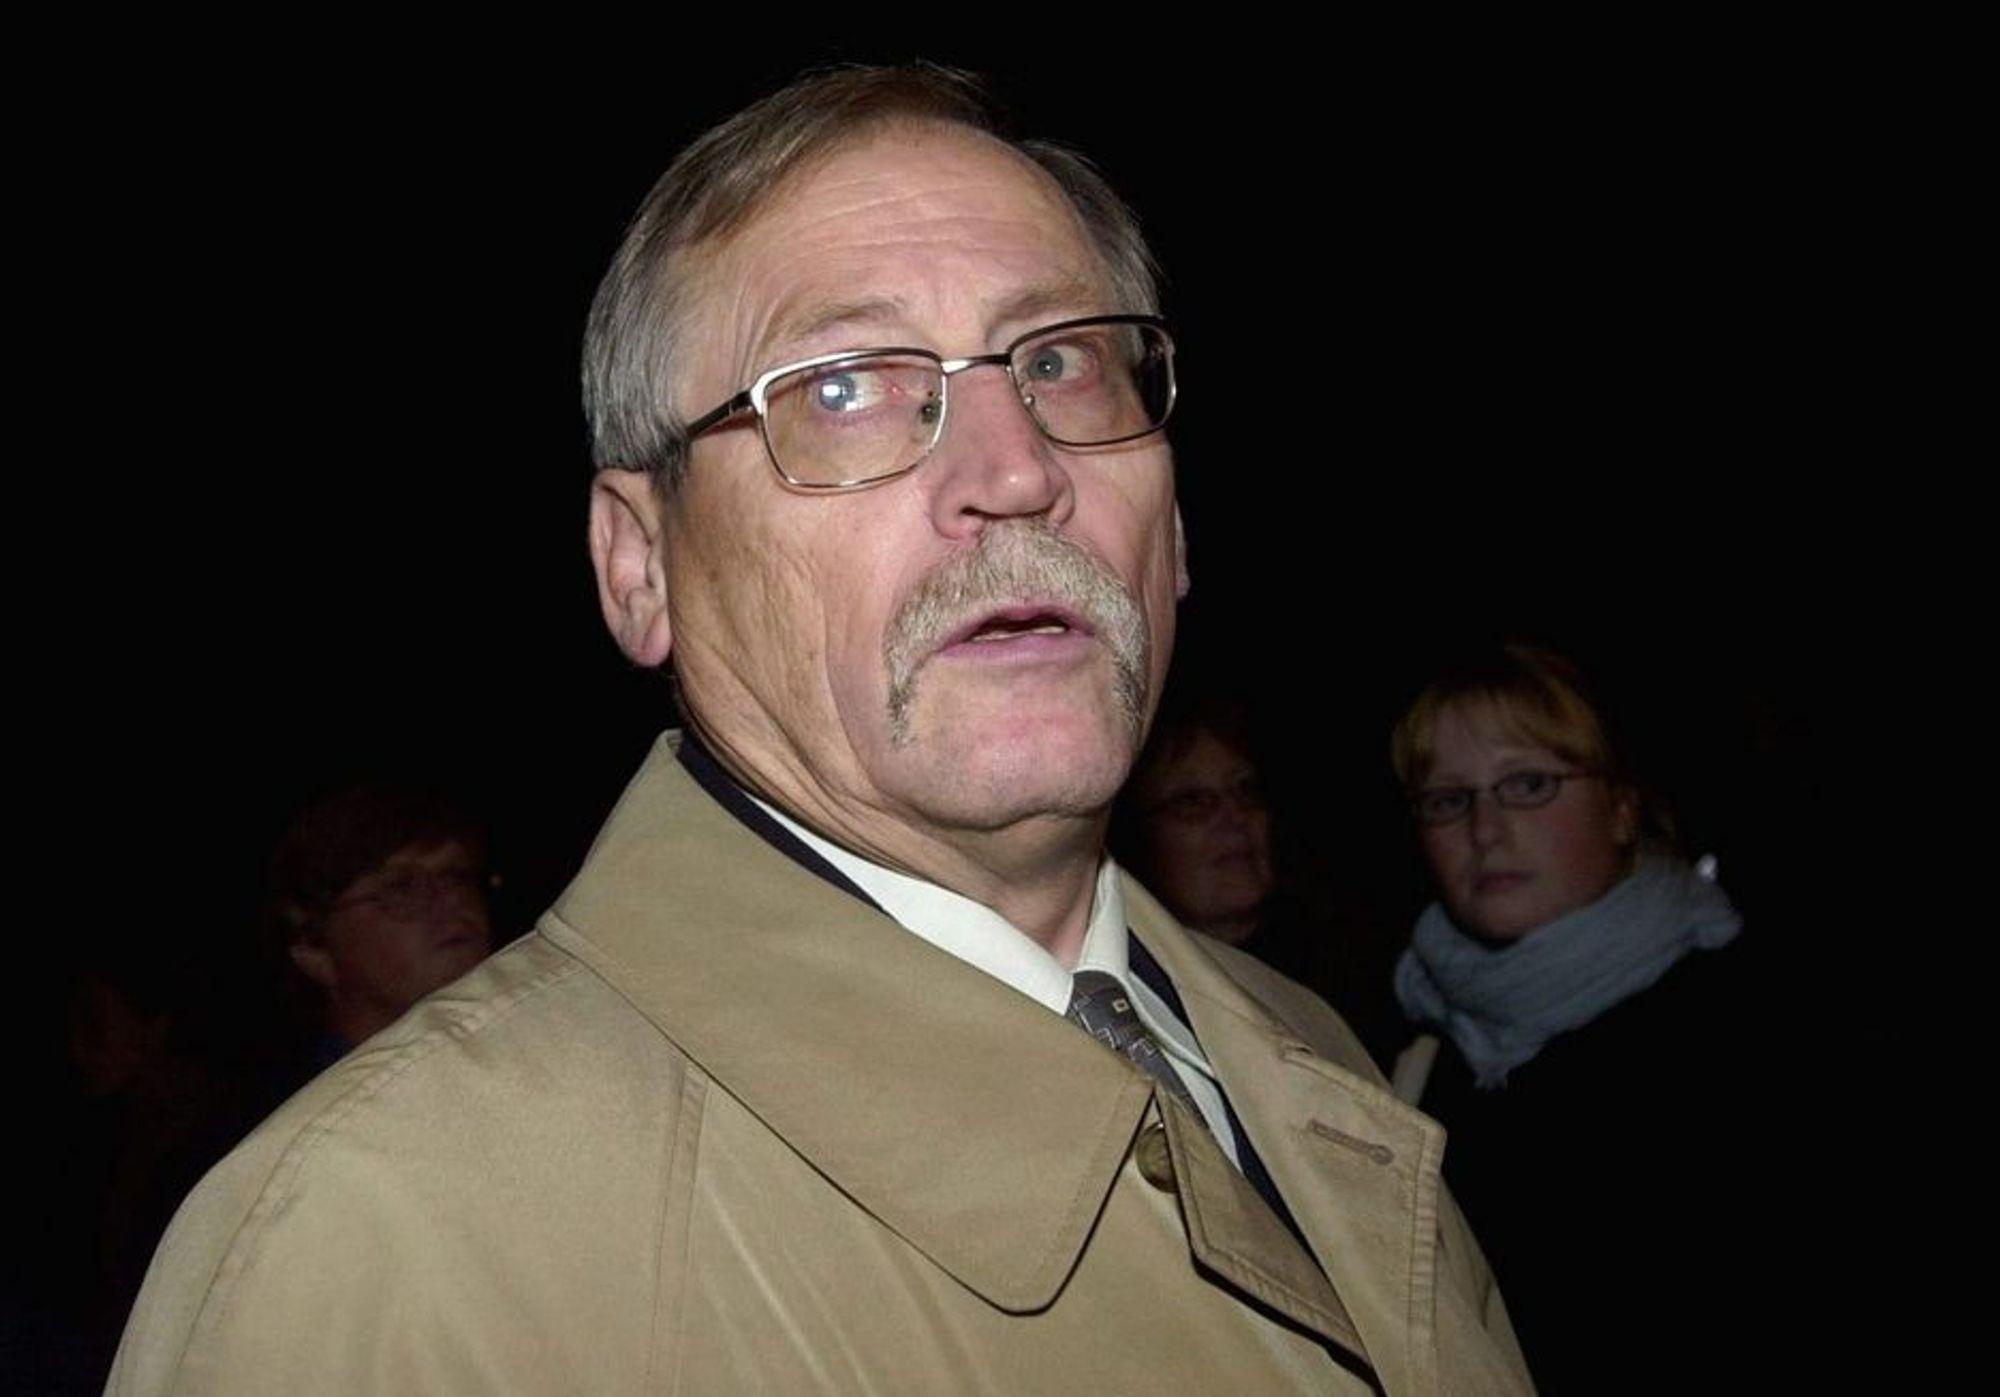 FIKK IKKE VILJEN SIN: Tormod Hermansen ledet utvalget som anbefalte en norsk samarbeidsløsning. Forsvaret lyttet ikke, men valgte å kjøpe en satellitt fra Spania.